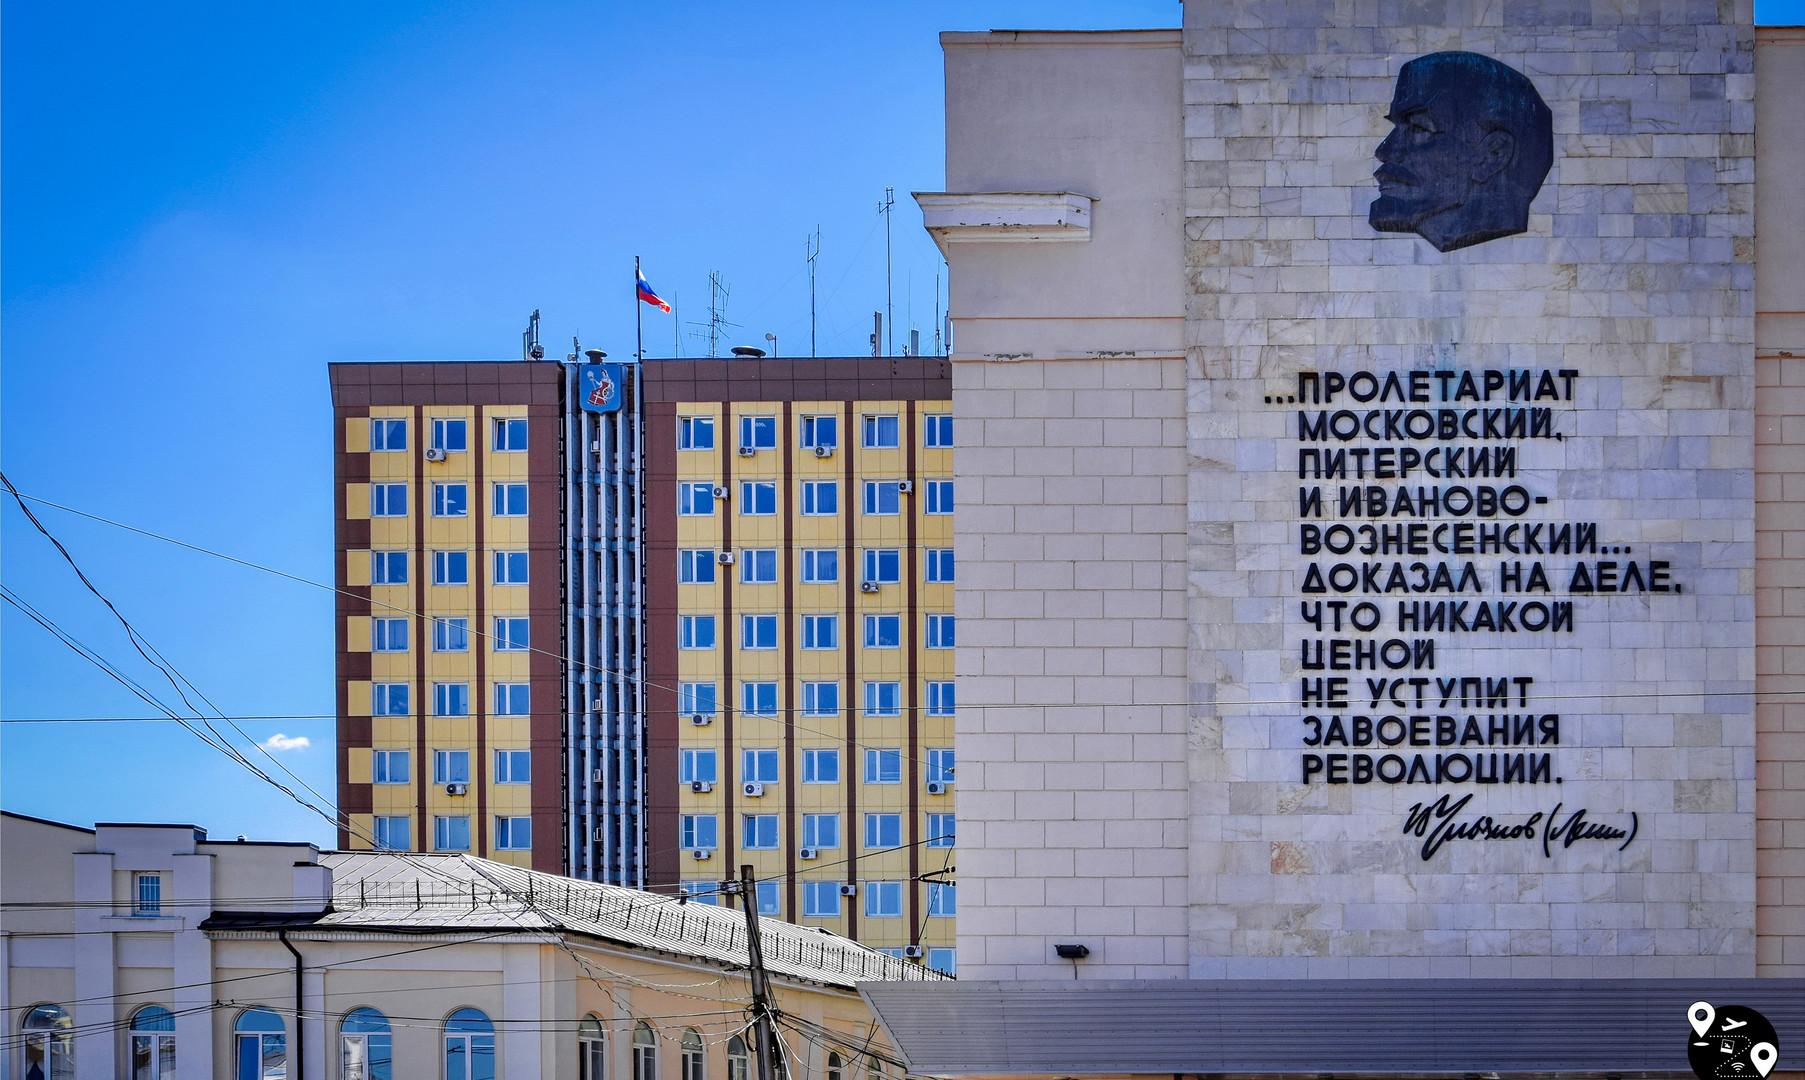 Монумент Ивановскому пролетариату, Иваново